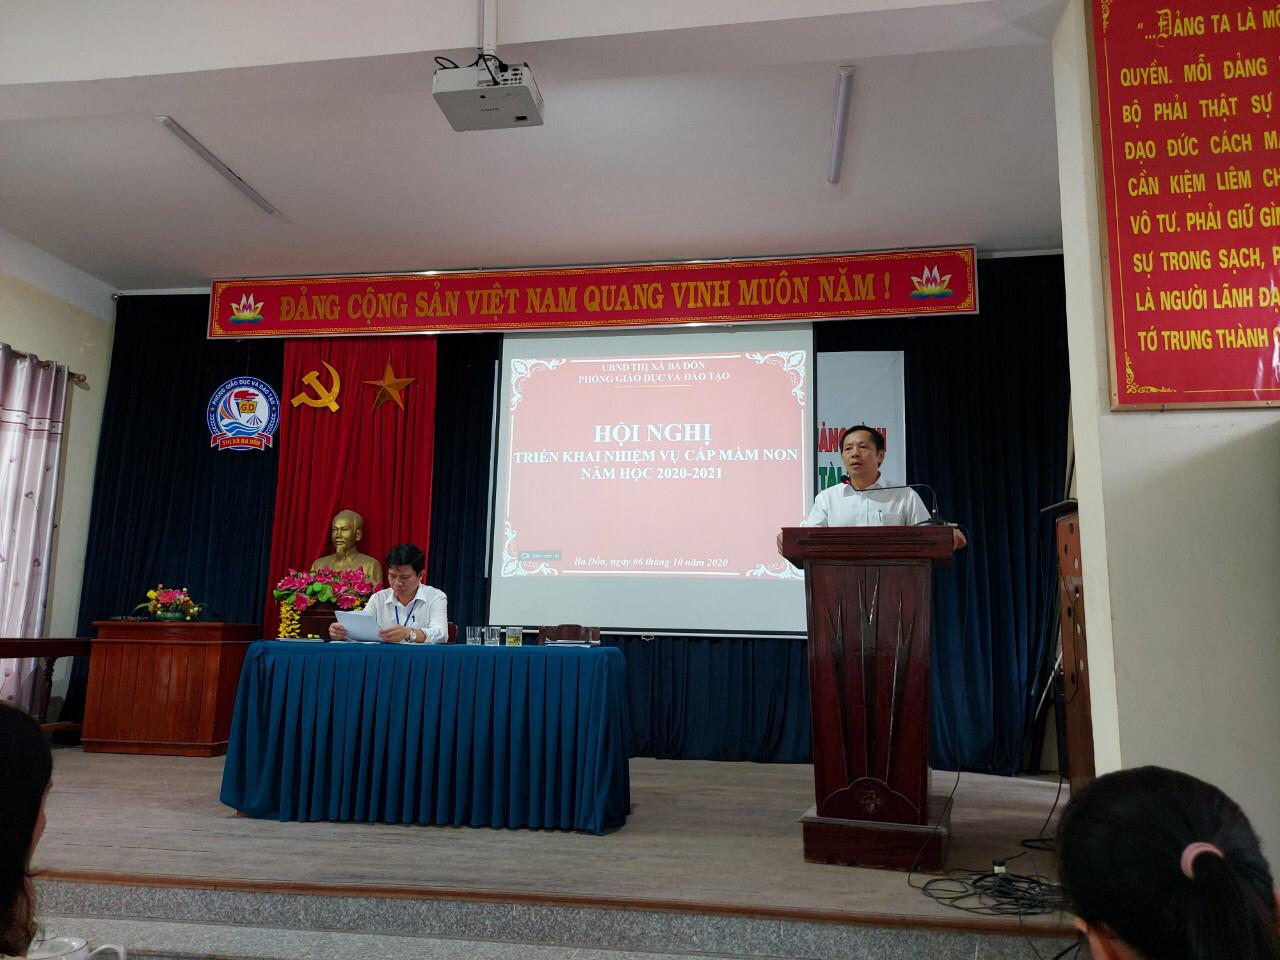 Hội nghị triển khai nhiệm vụ cấp Mầm non năm học 2020-2021